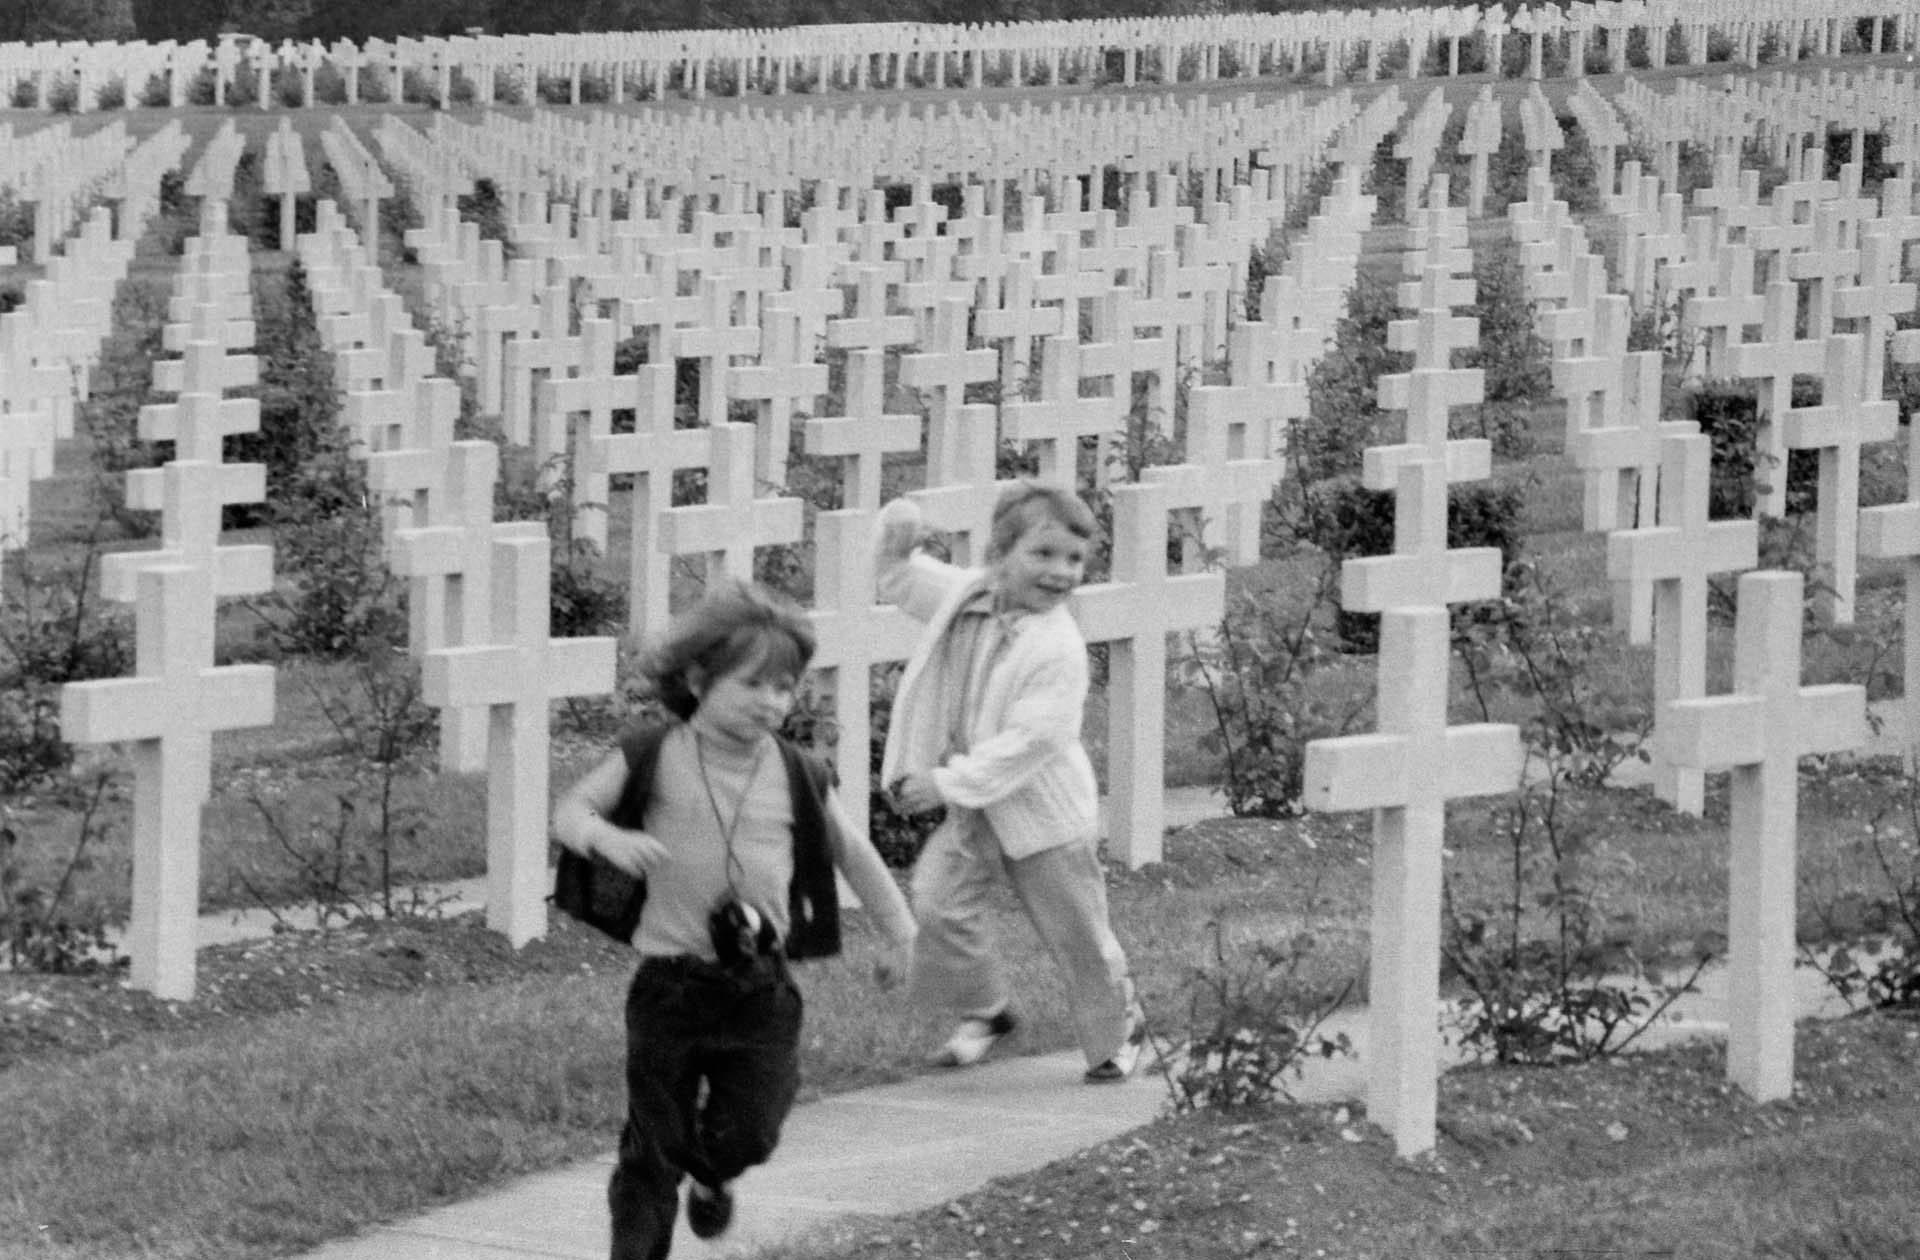 Die Schlacht begann am 21. Februar 1916 mit einem Angriff deutscher Truppen auf die französische Stadt Verdun und ihre Befestigungen und endete am 19. Dezember 1916 ohne wesentliche Verschiebung des Frontverlaufs.